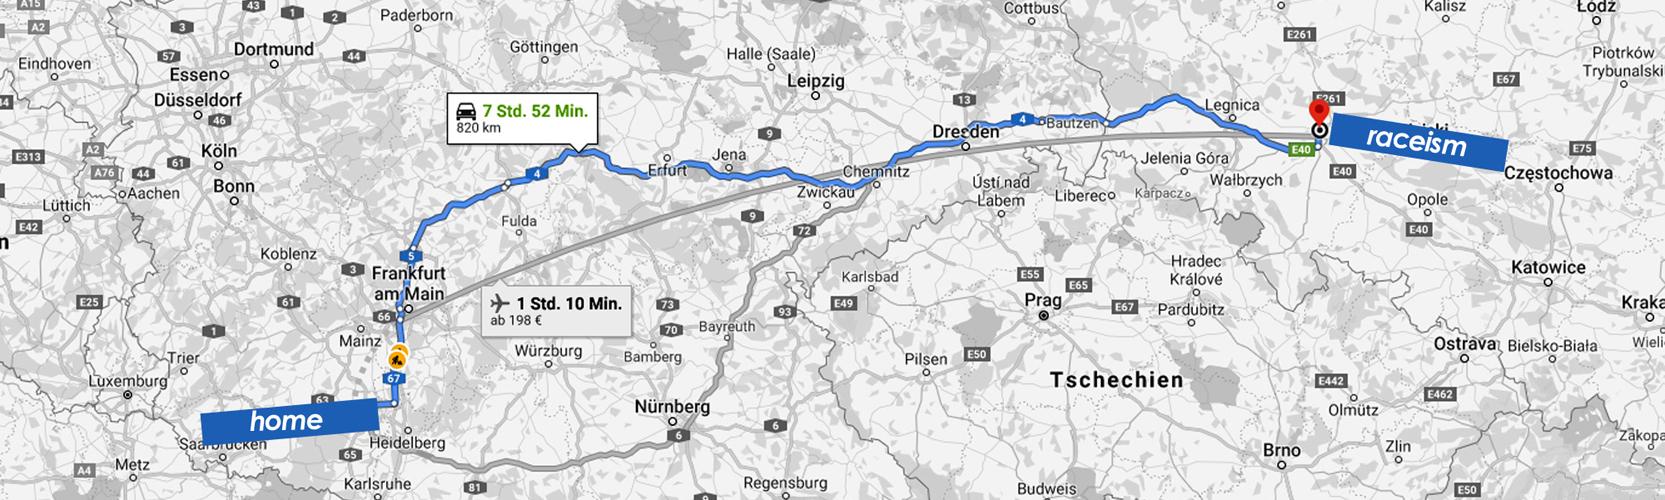 maps1665x500